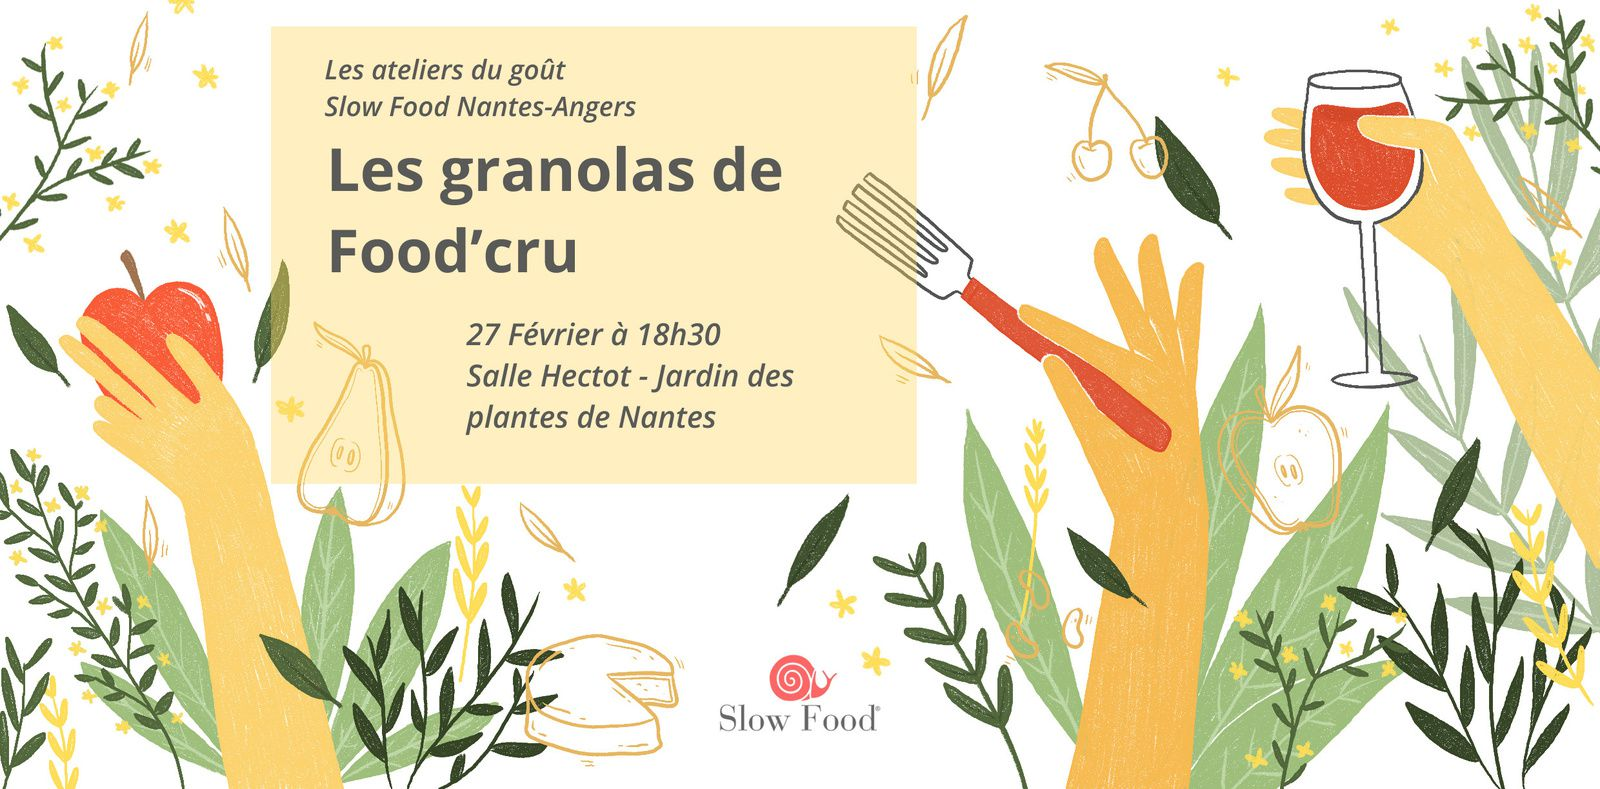 Les granolas de Food'cru : prochain atelier du goût le 27 février 2019